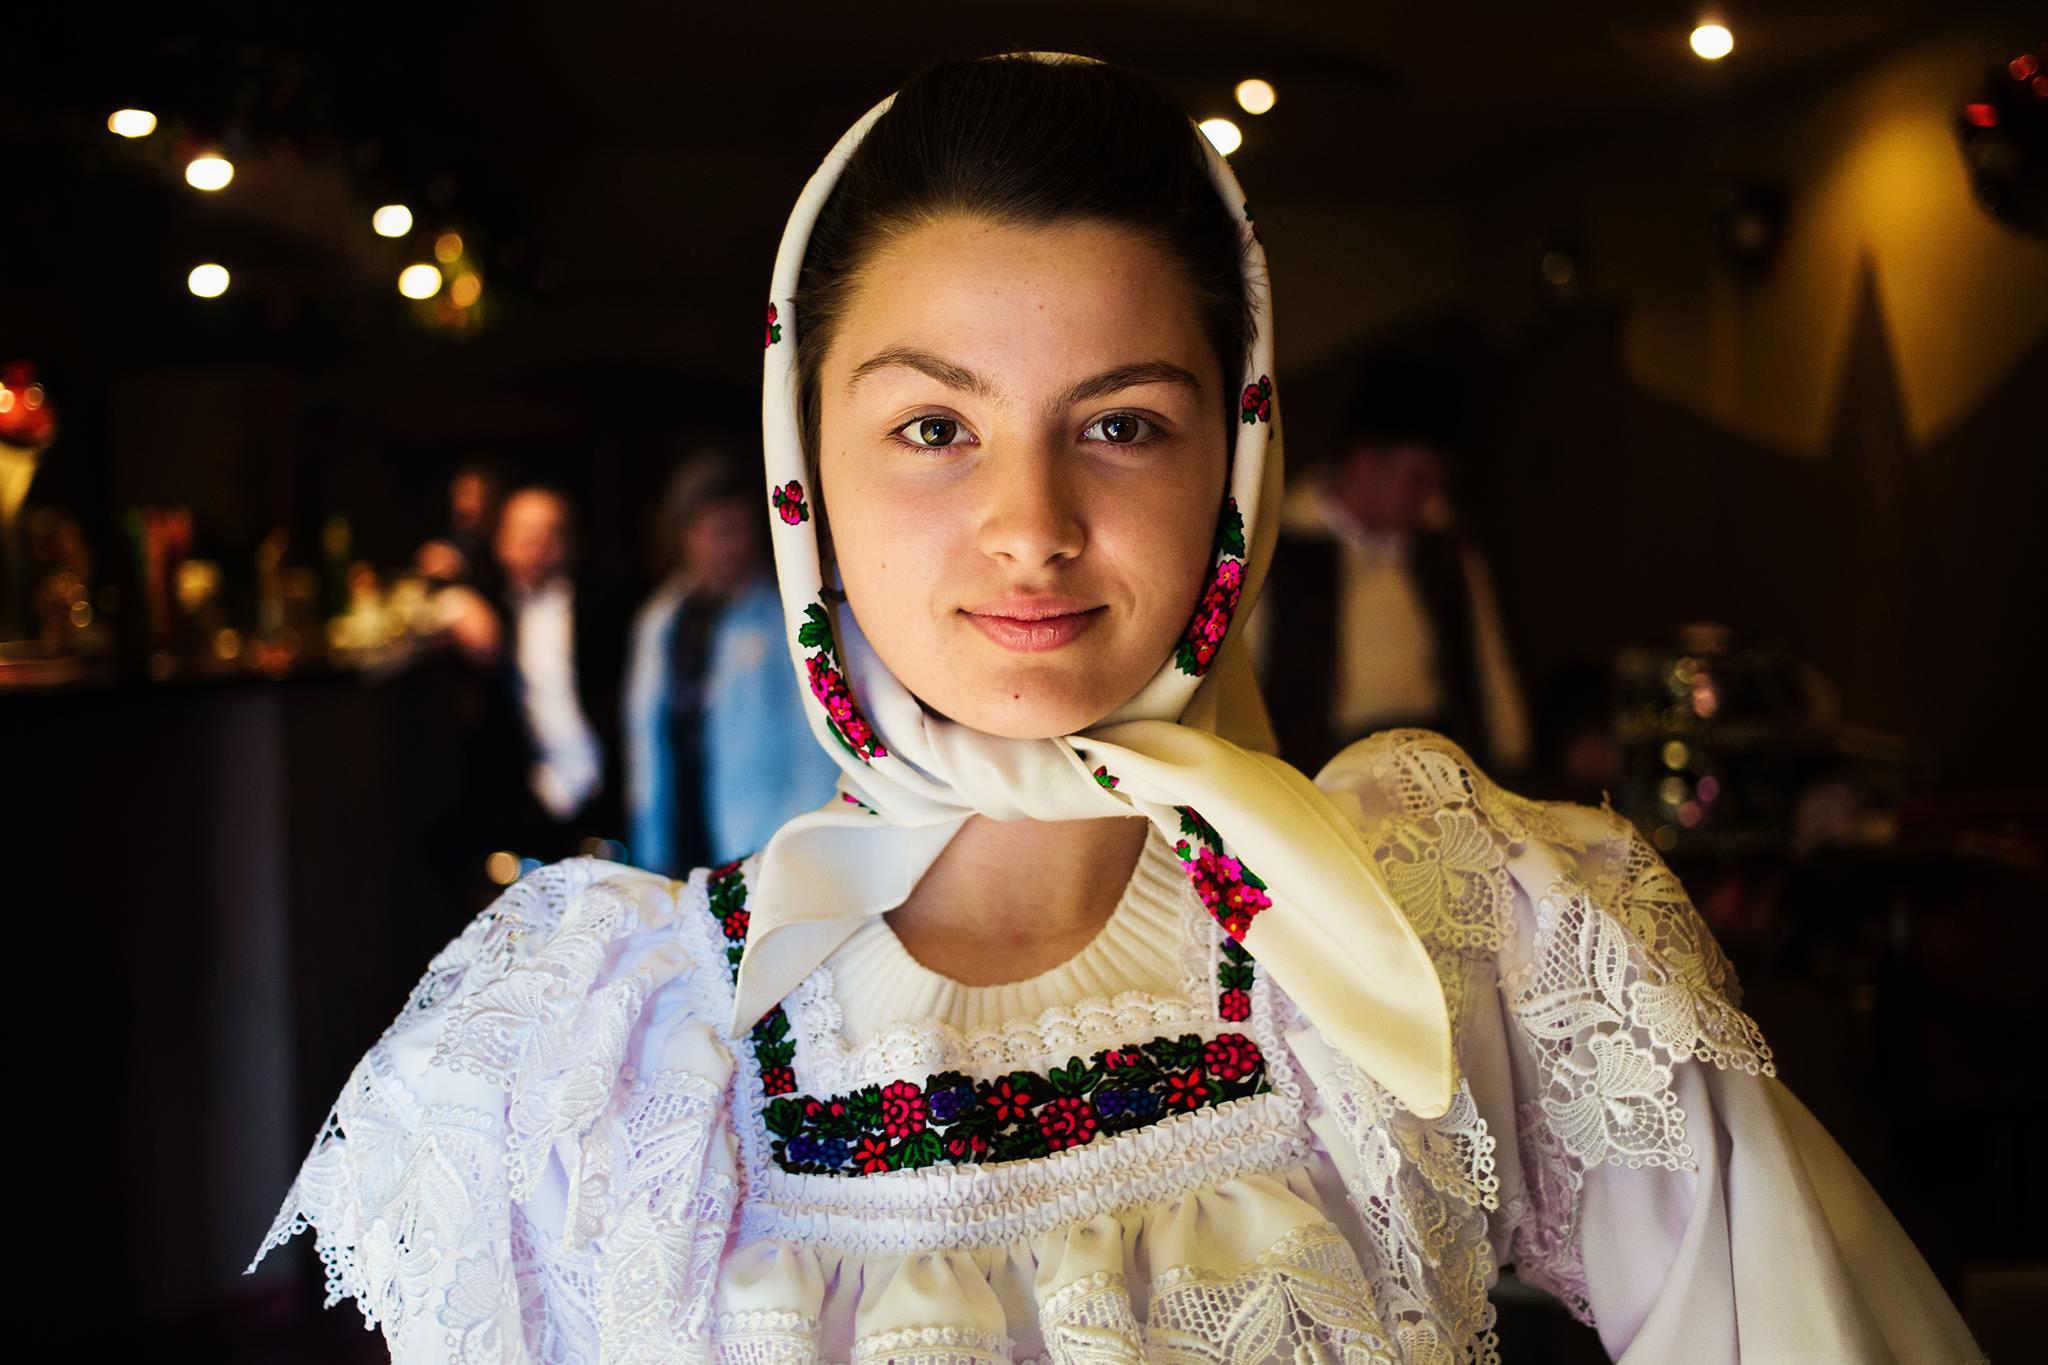 Румынские девушки фото 14 фотография